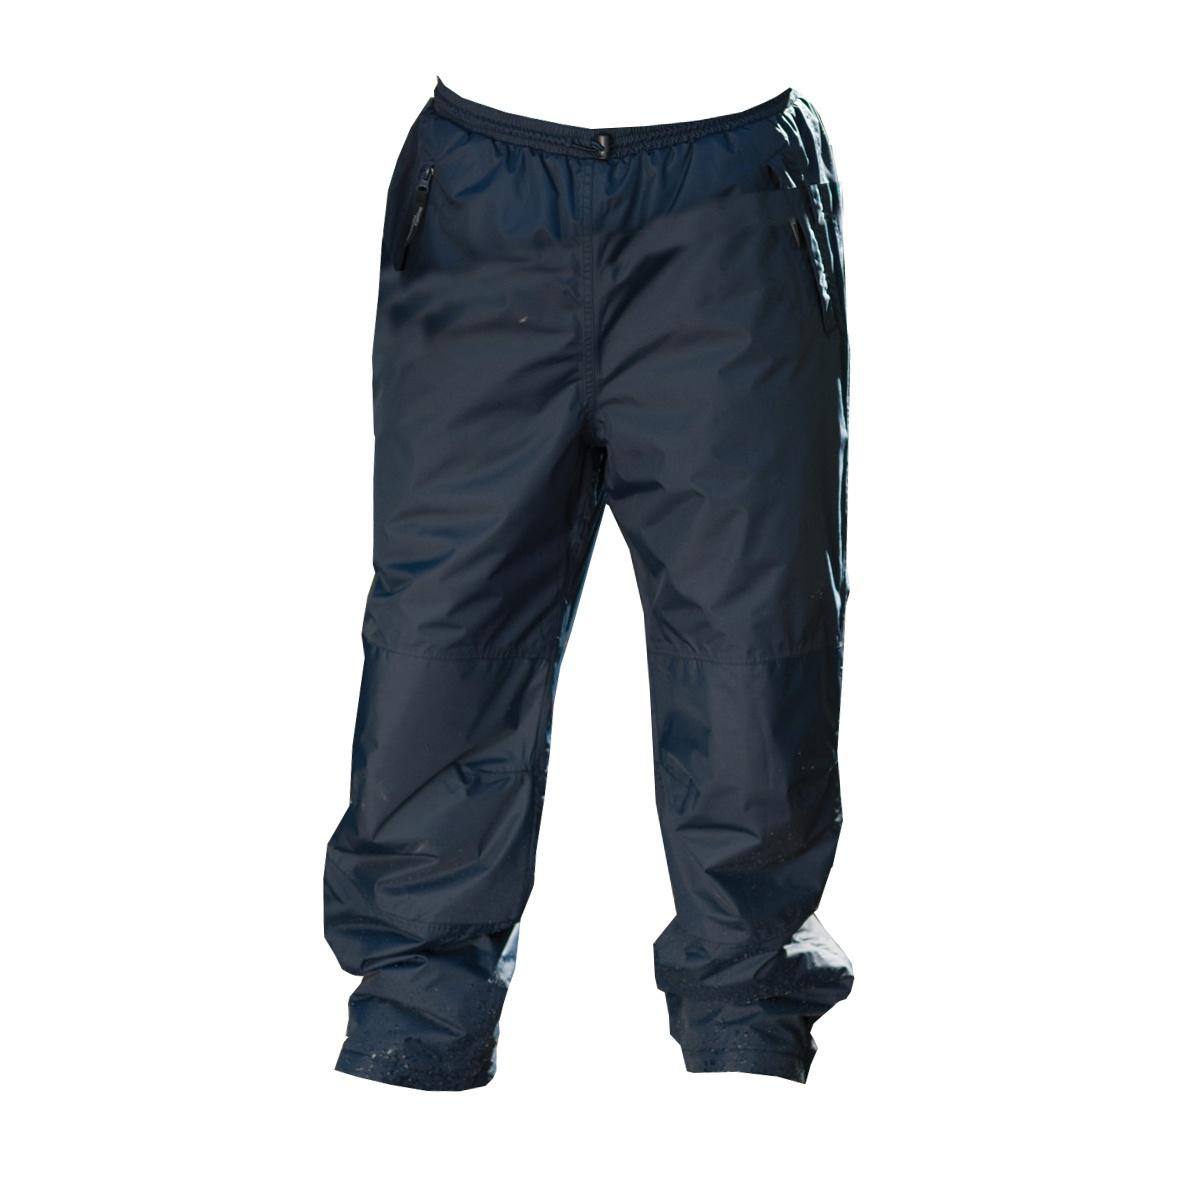 Regatta-Mens-Wetherby-Rain-Padded-Over-Trouser-31inch-Leg-Length-UTRG1570